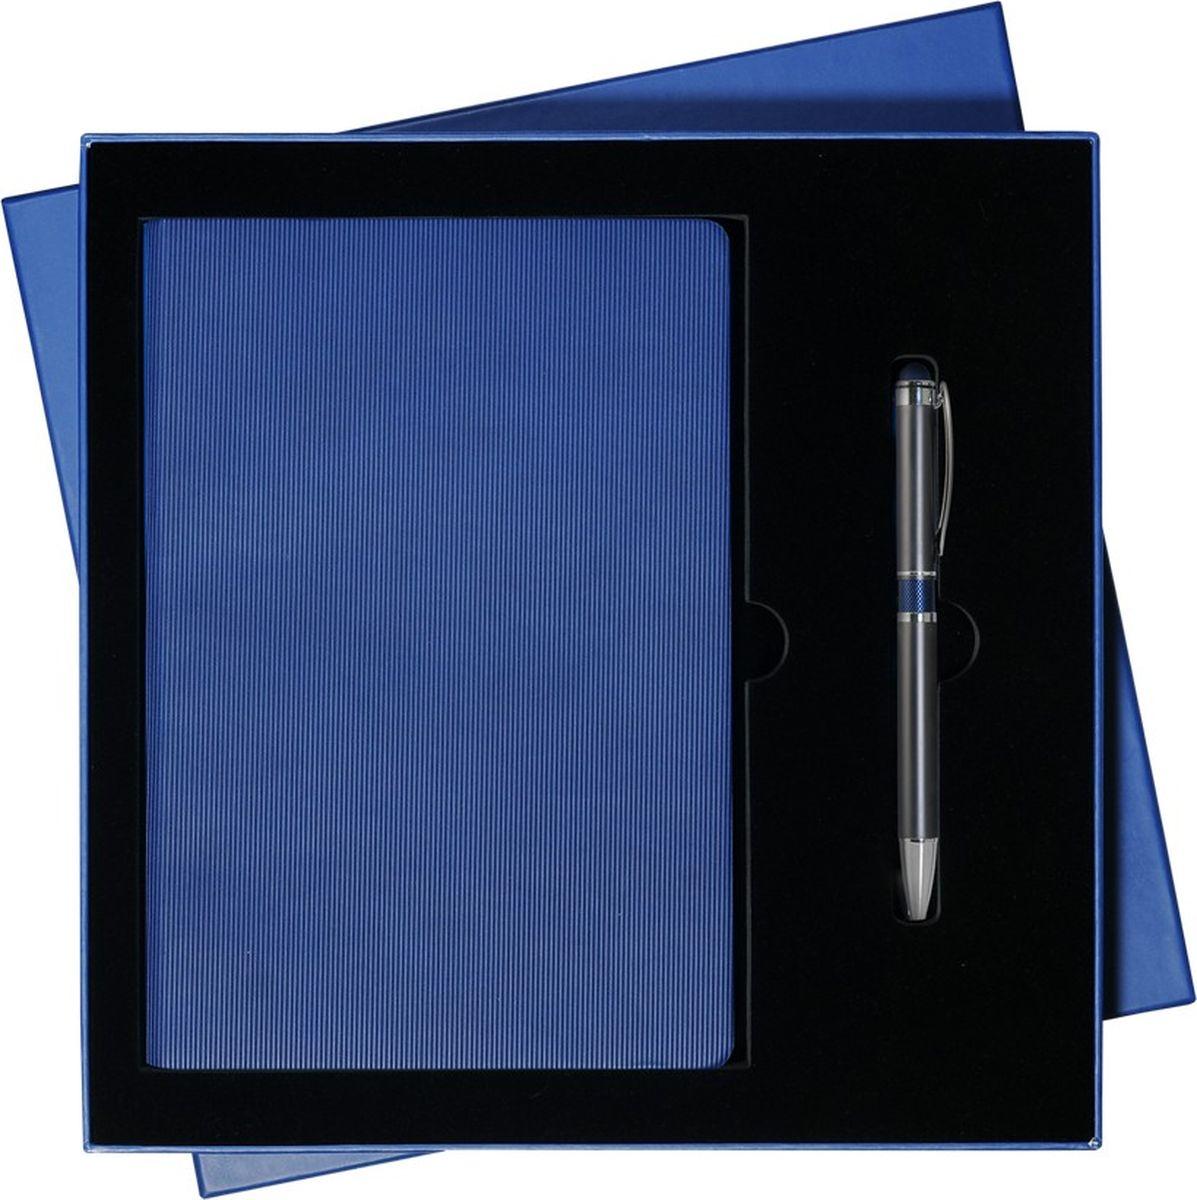 Portobello Trend Подарочный набор Rain GS-132-24GS-132-24-BLUE-RAINВ набор входят: - недатированный ежедневник формата A5 (содержит 256 страниц); - шариковая ручка Aurora с алюминиевым корпусом и нажимным механизмом (отделка: гравировка, синее кольцо).